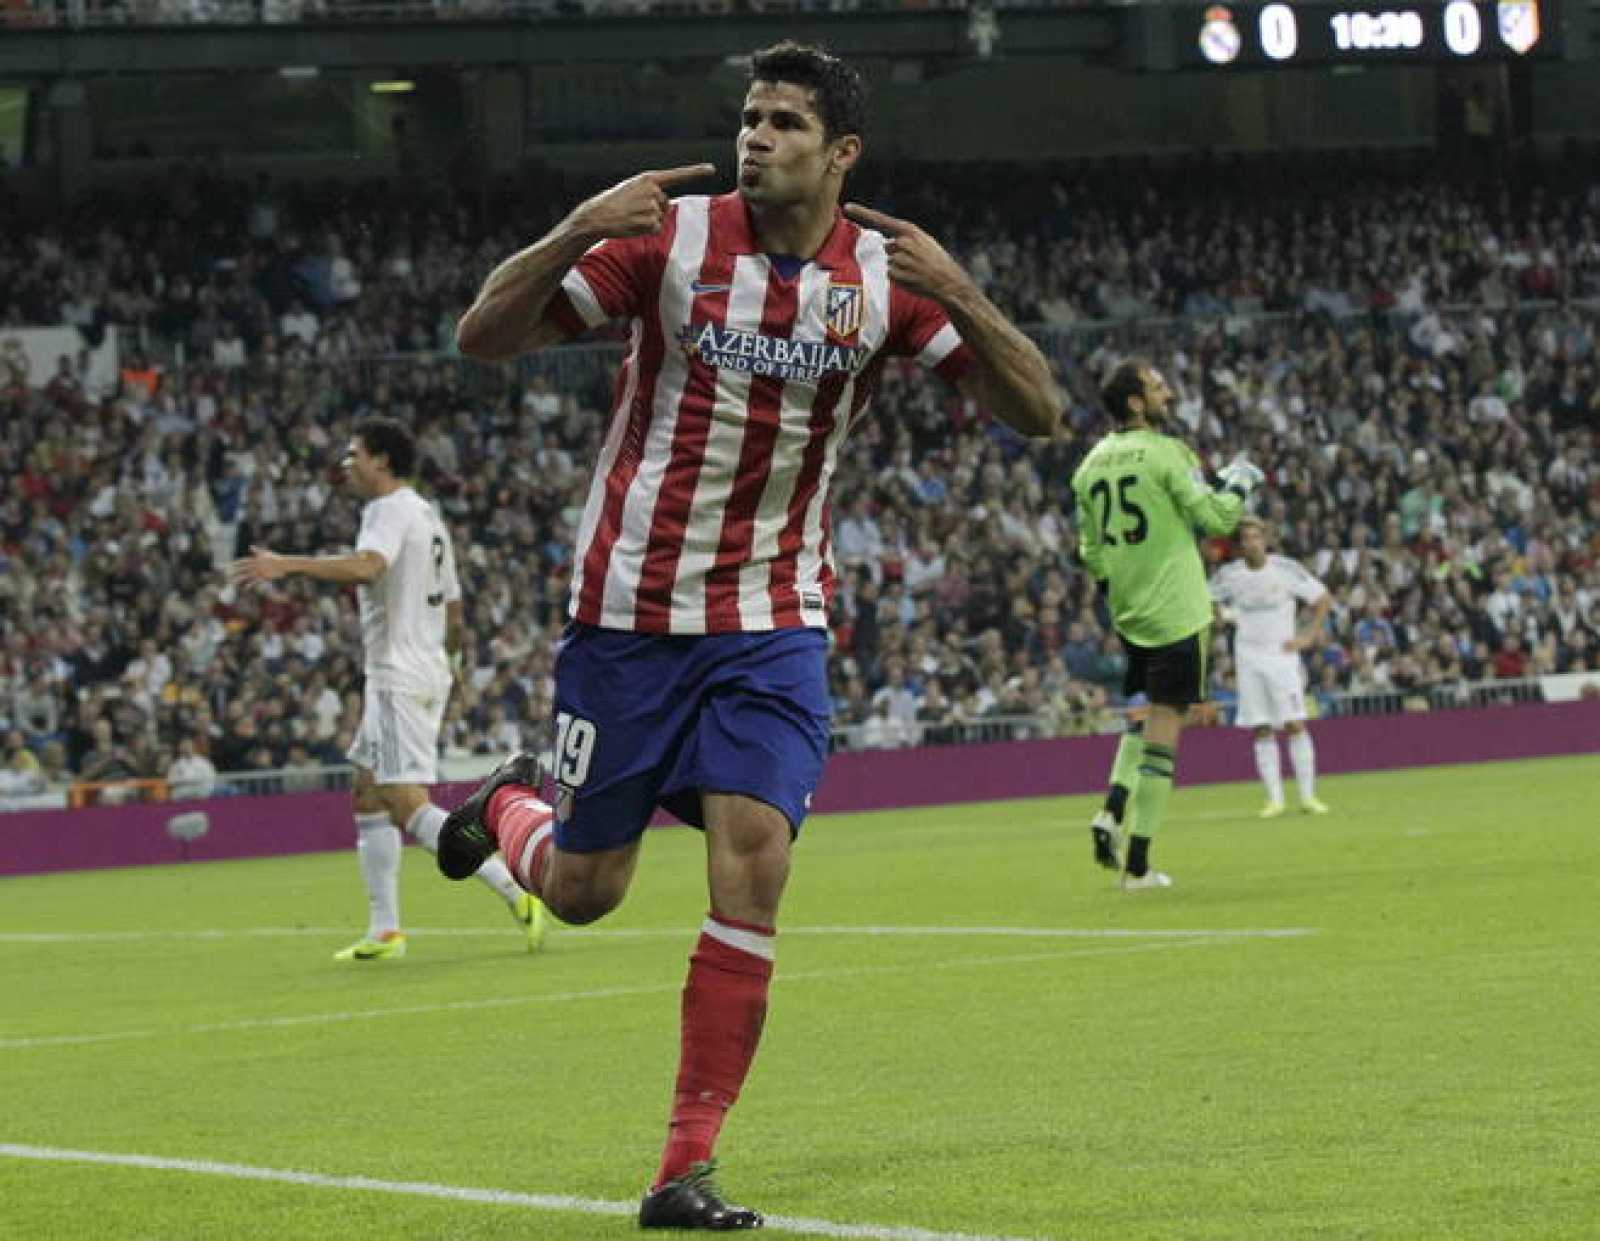 El delantero brasileño del Atlético de Madrid Diego Costa celebra tras  marcar ante el Real Madrid fd8a33dedd67a